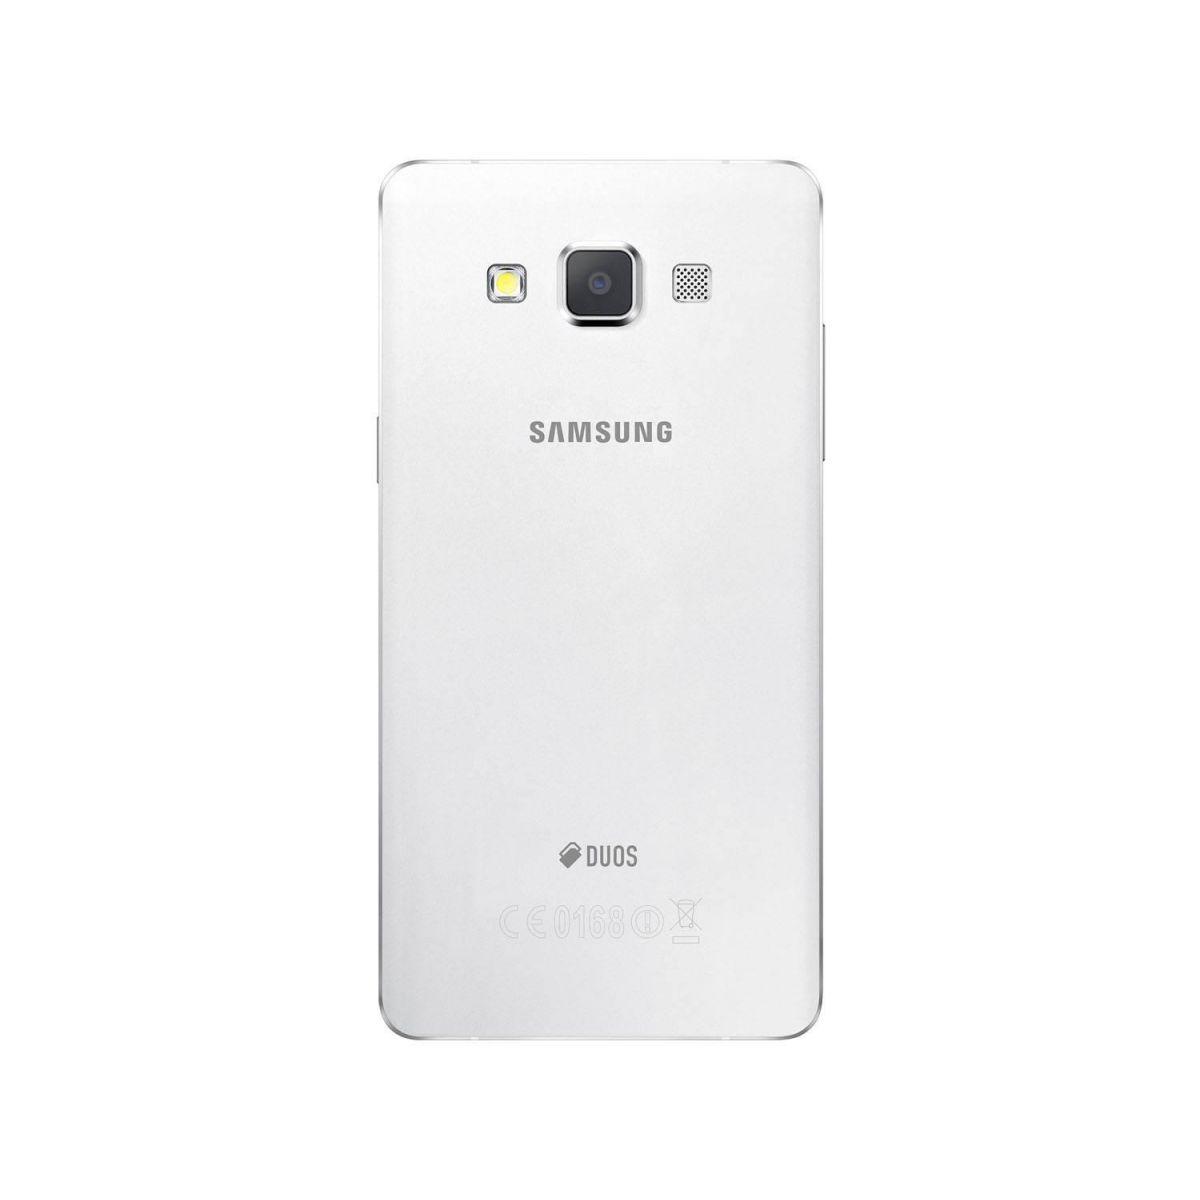 Smartphone Galaxy A5 Duos Dual Chip 4G Android 4.4 Câm. 13MP Tela 5 Proc. Quad Core Branco SM-A500M/DS - Samsung